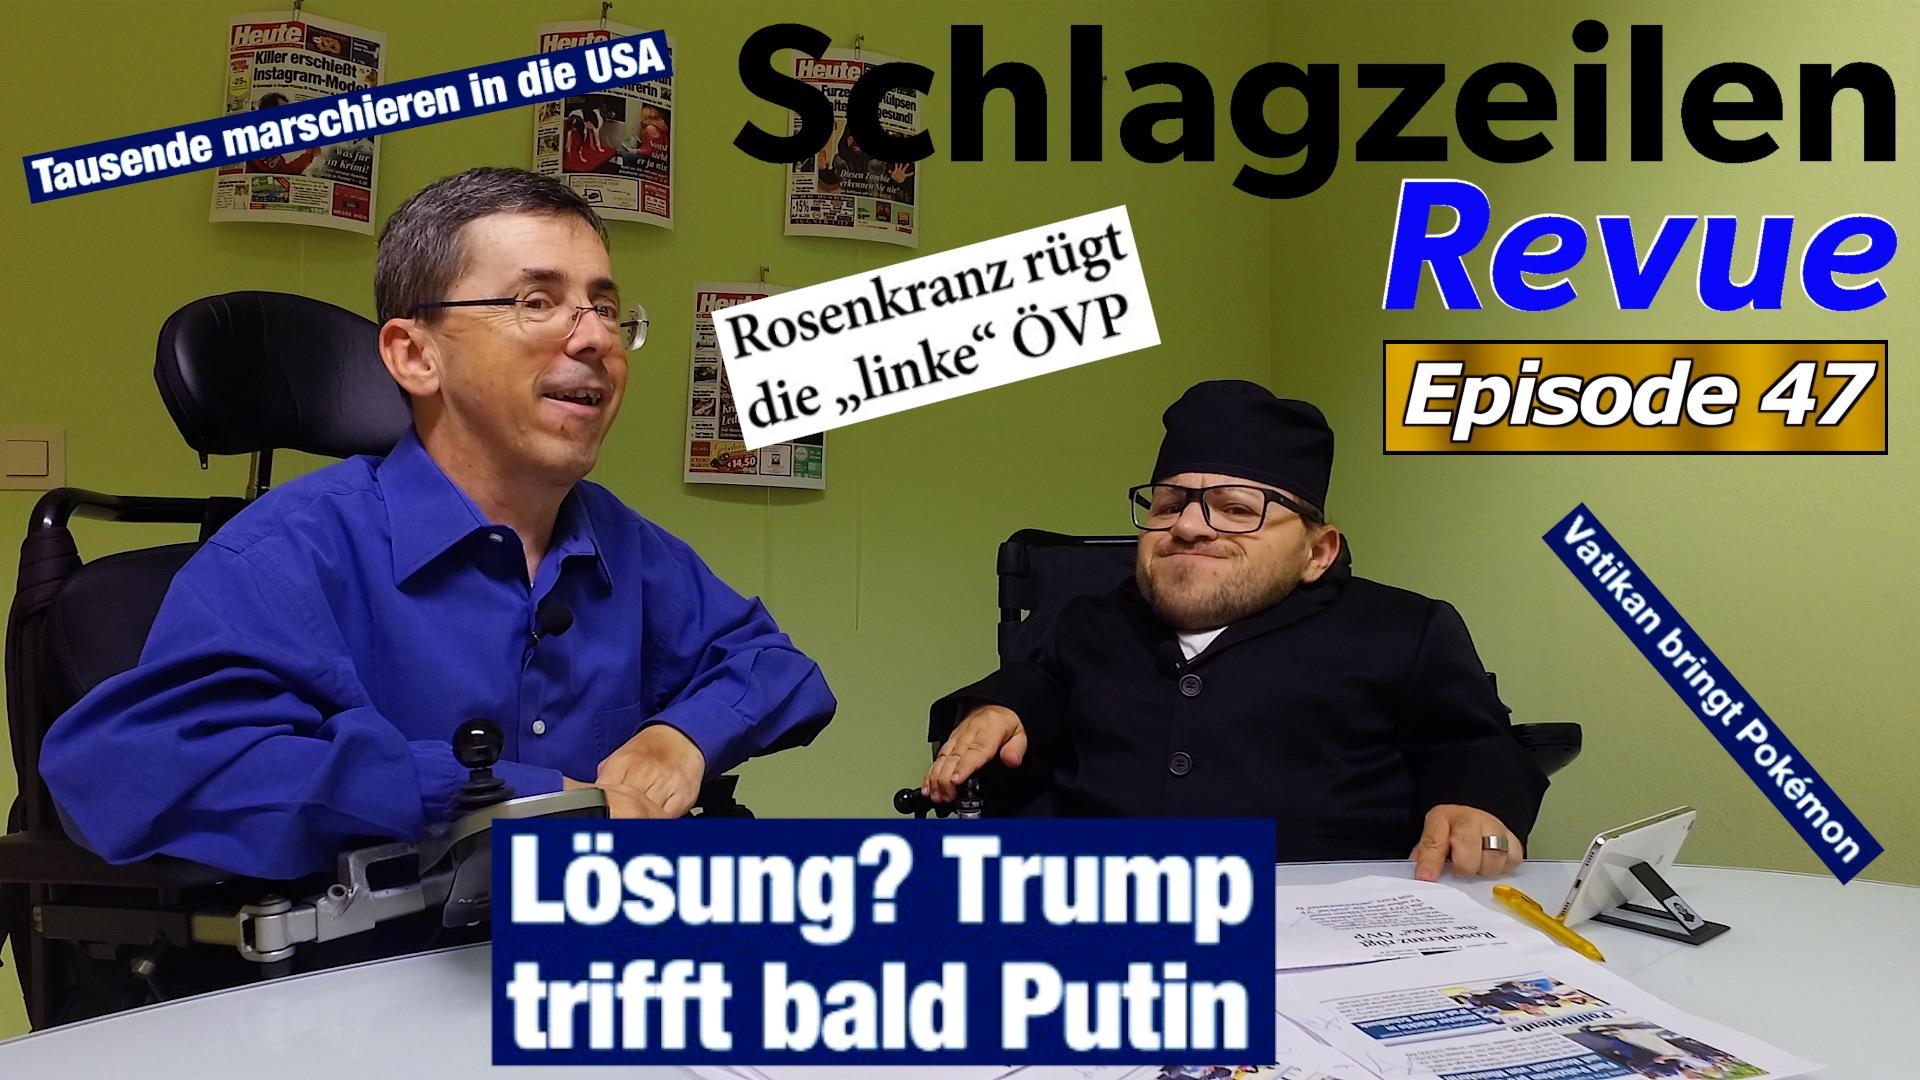 Schlagzeilen Revue vom 28. Oktober 2018